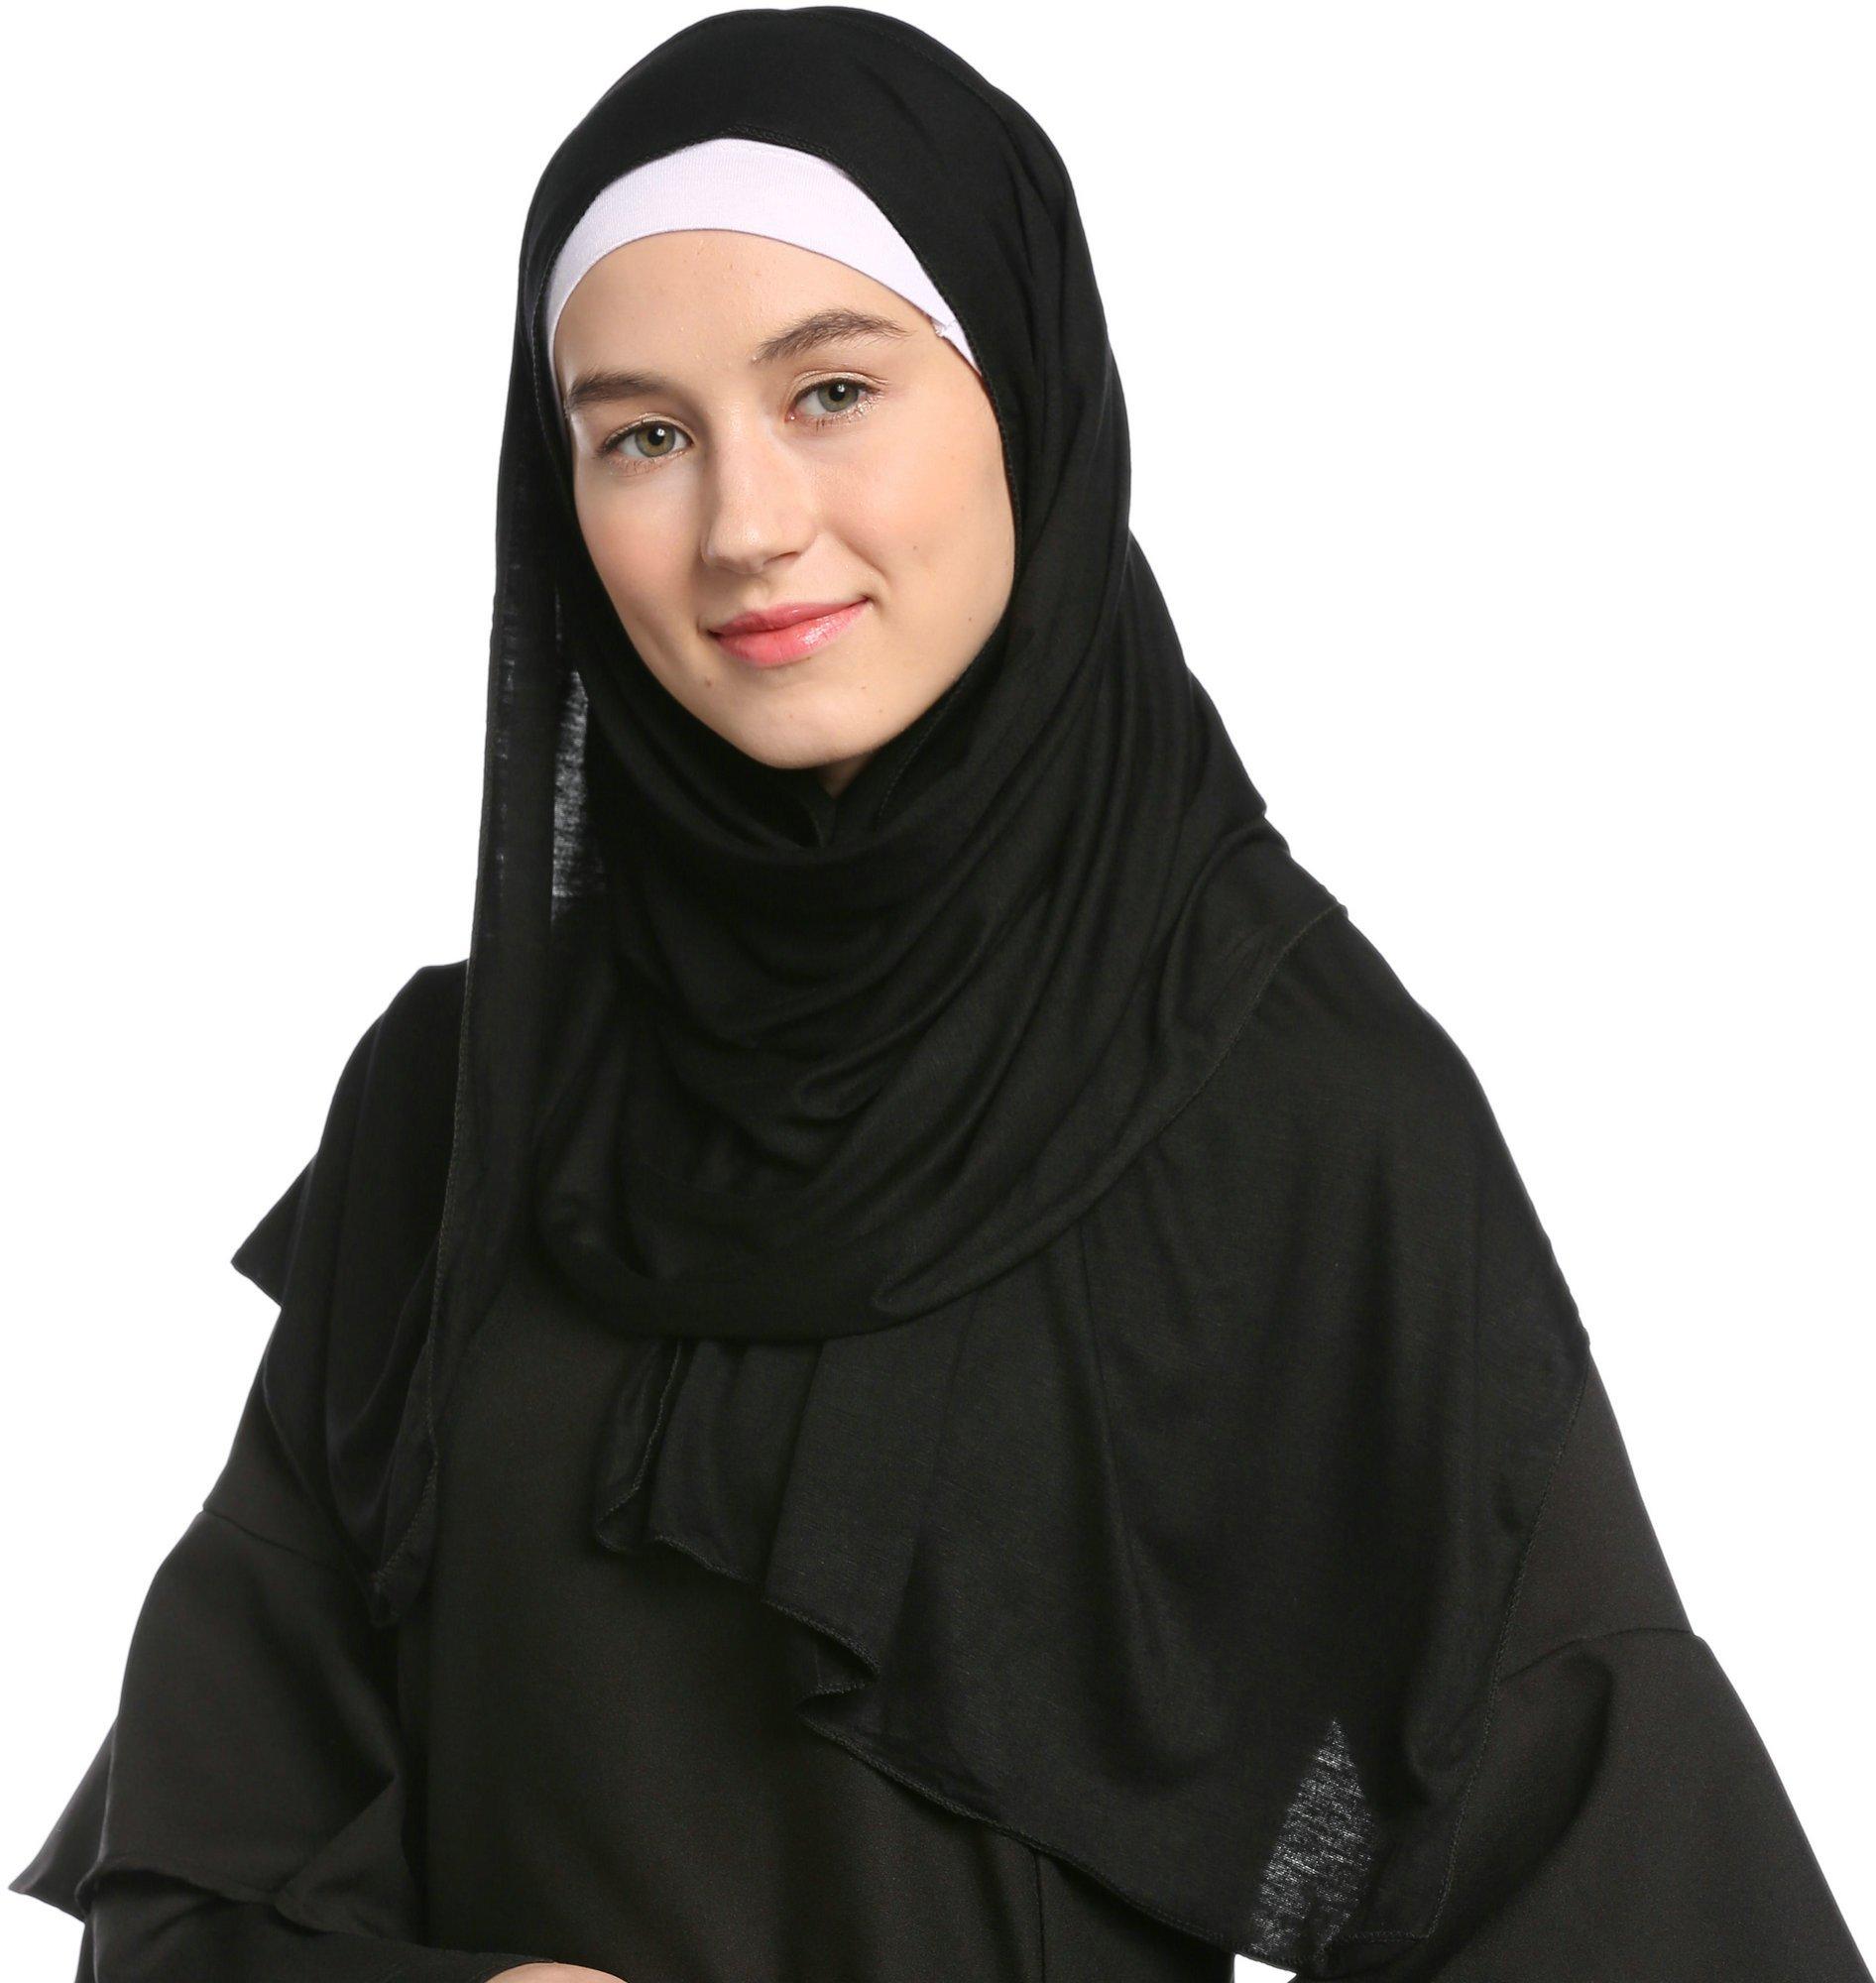 Ababalaya Fashion Womens Lightweight 100%Cotton Jersey Hijab Scarf, Black, One Size by Ababalaya (Image #3)